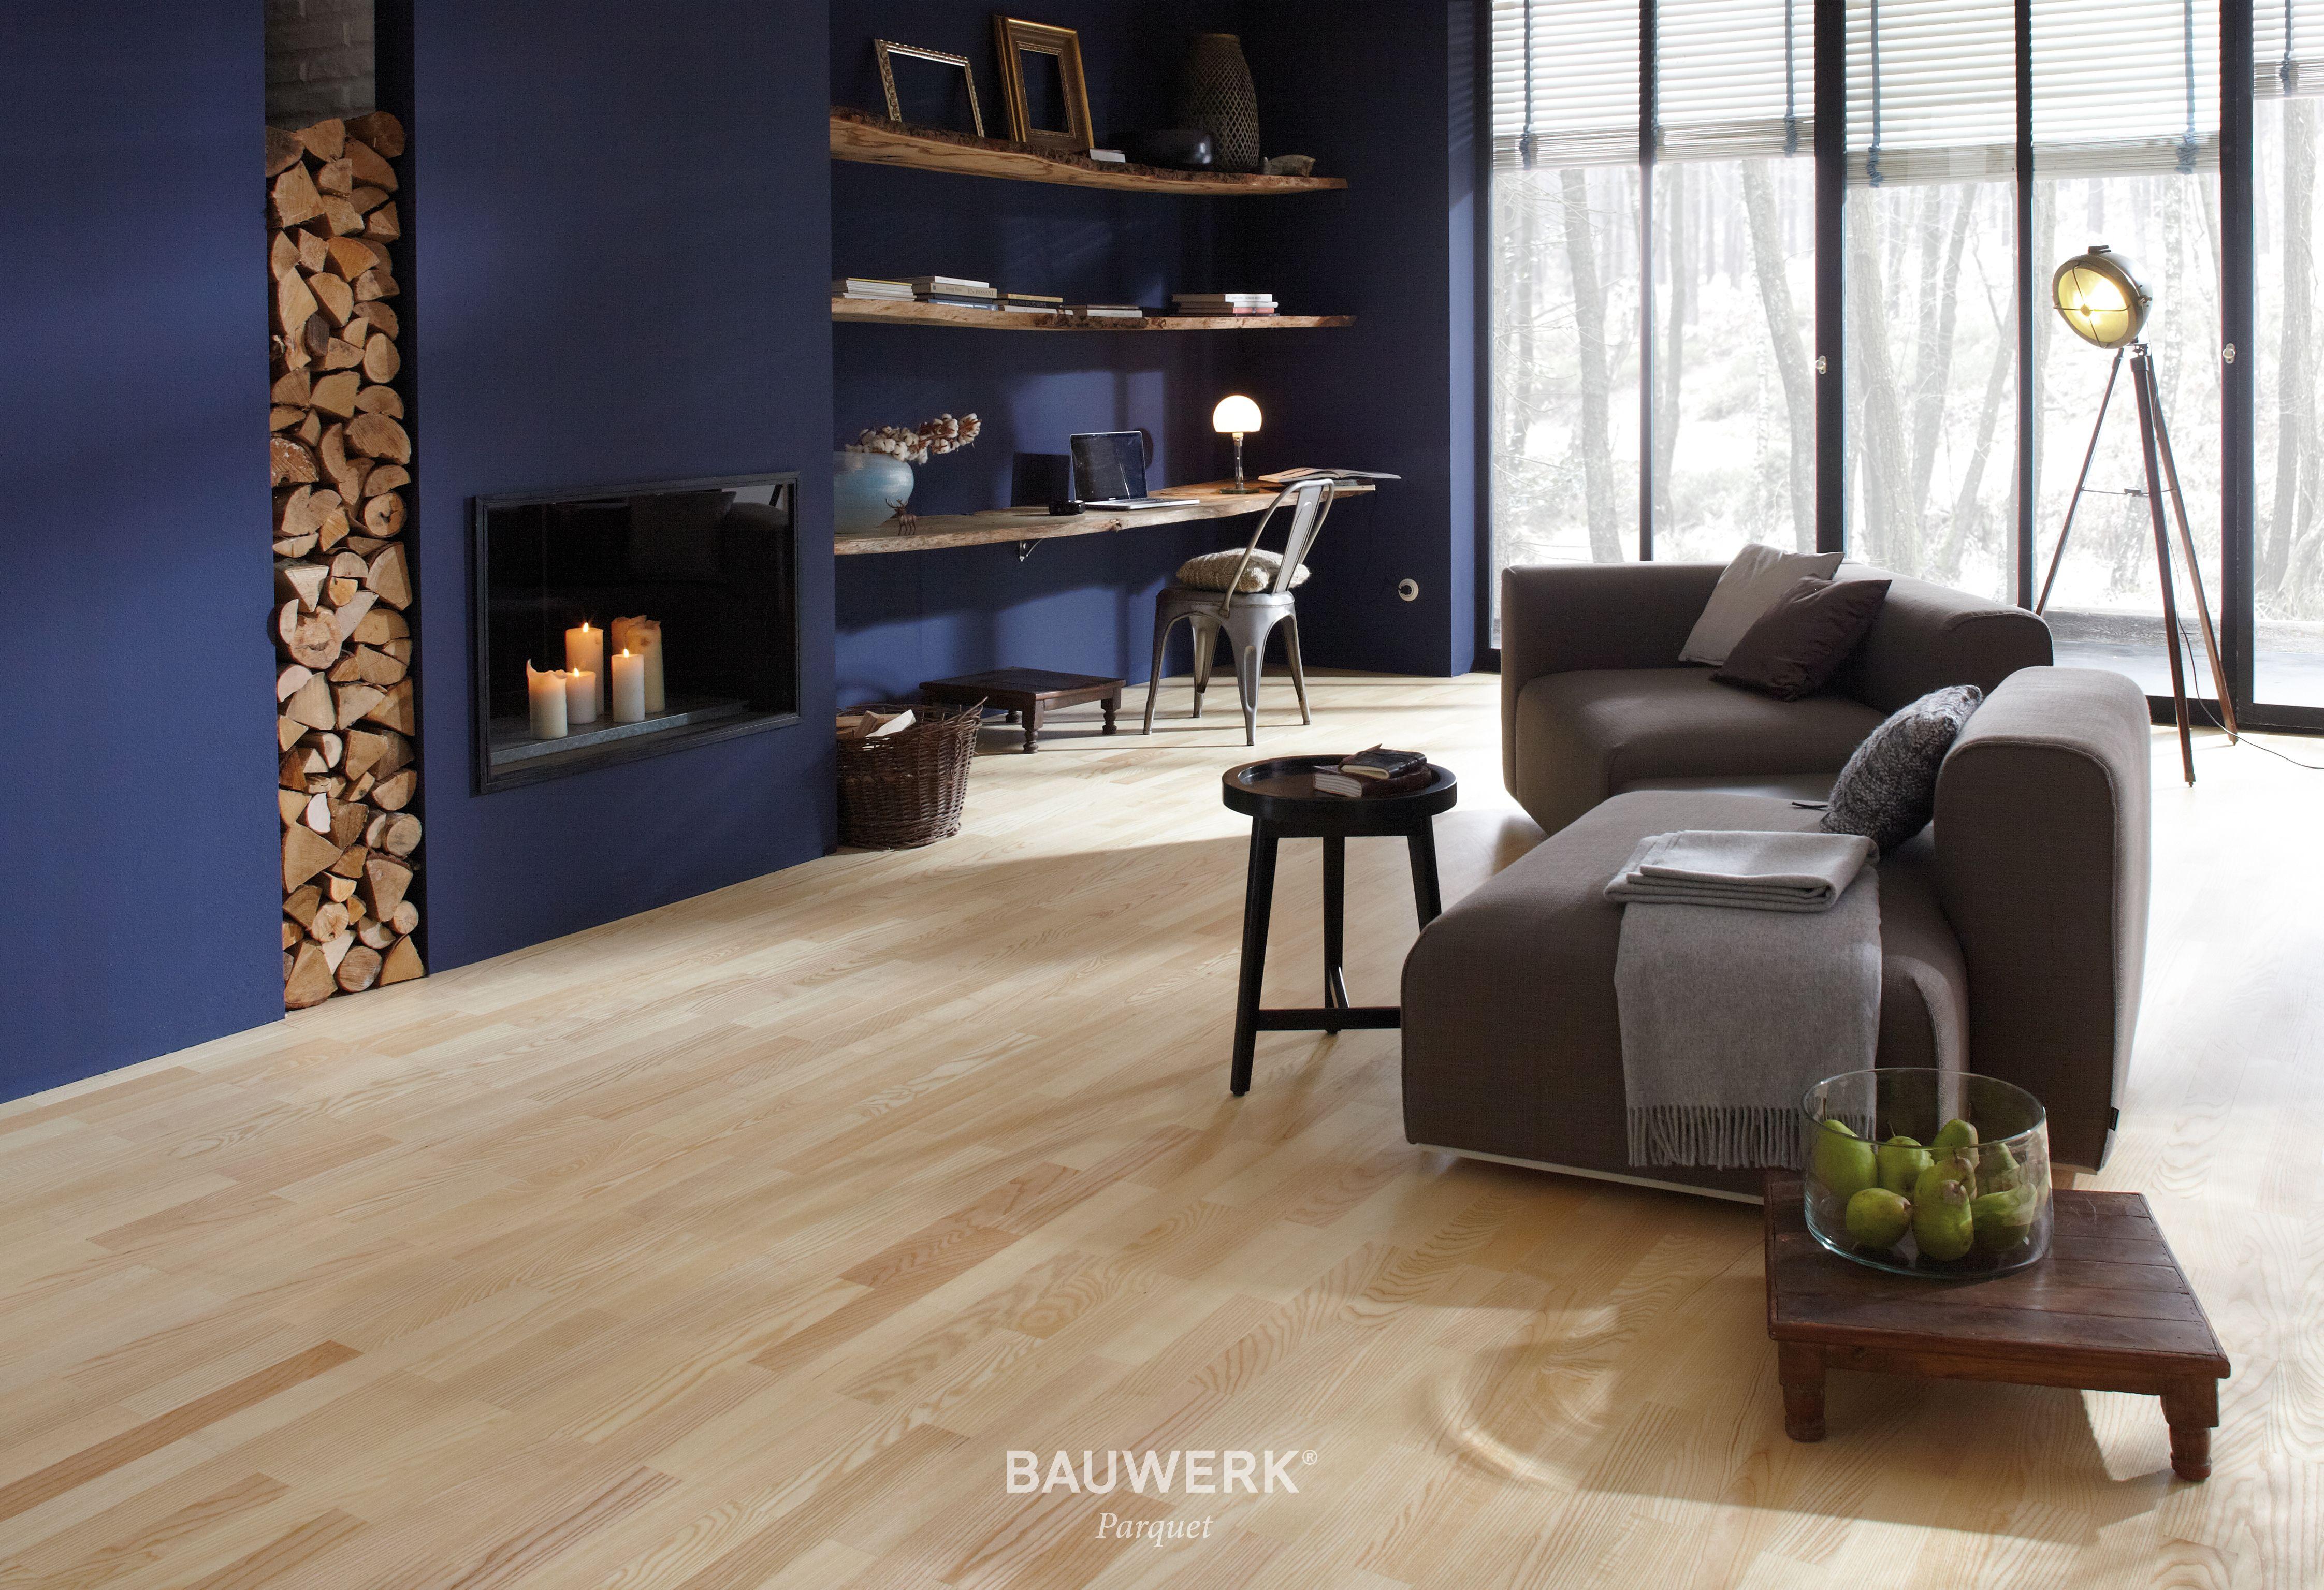 Heller parkettboden aus eschenholz bildet sch nen kontrast zu dunkelblauer wand bauwerk parkett - Dunkelblaue wand ...